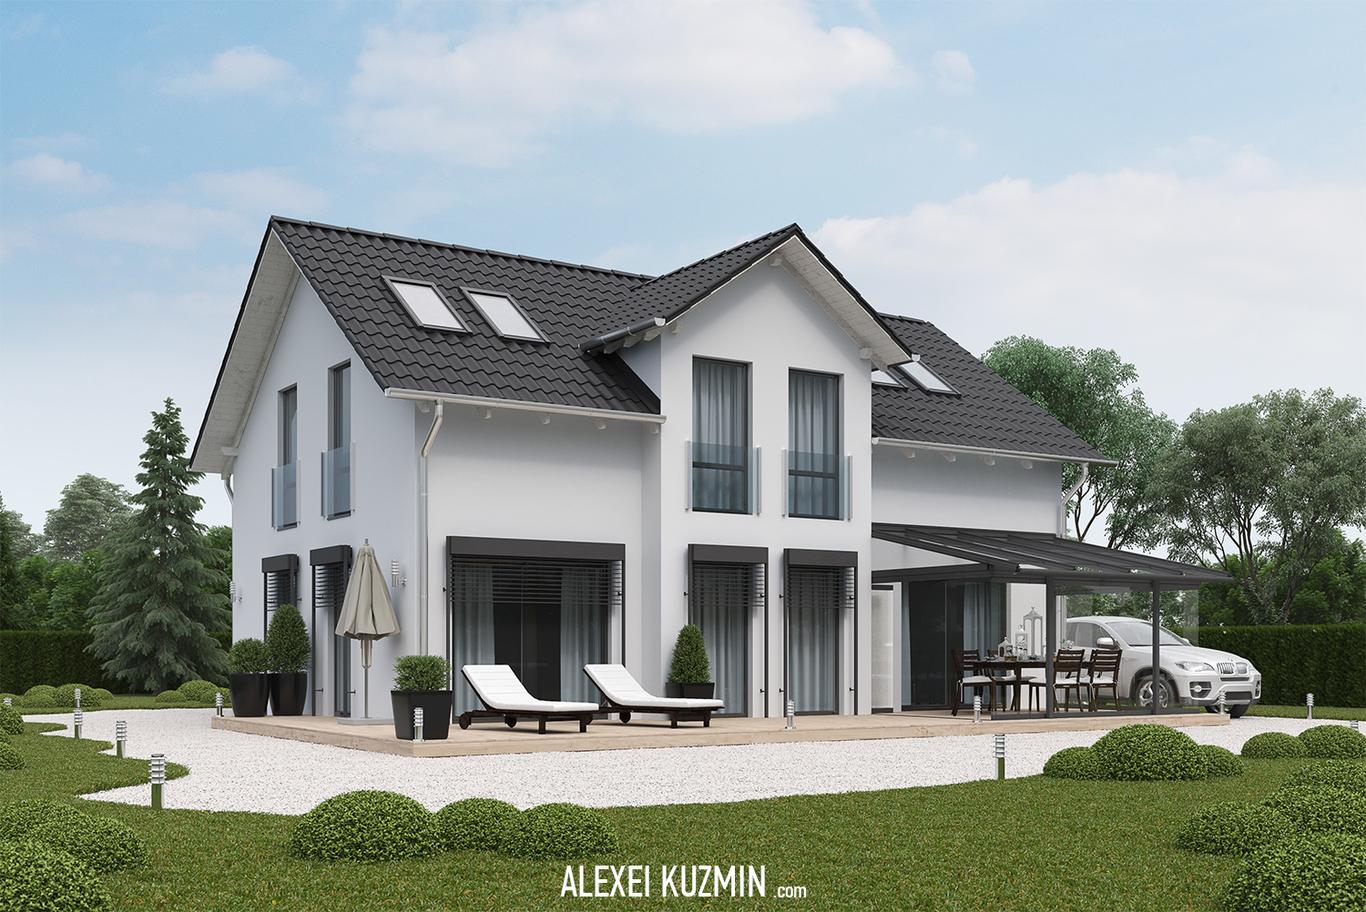 Alexkuzmin country house 1 5dad8bb6 27iw